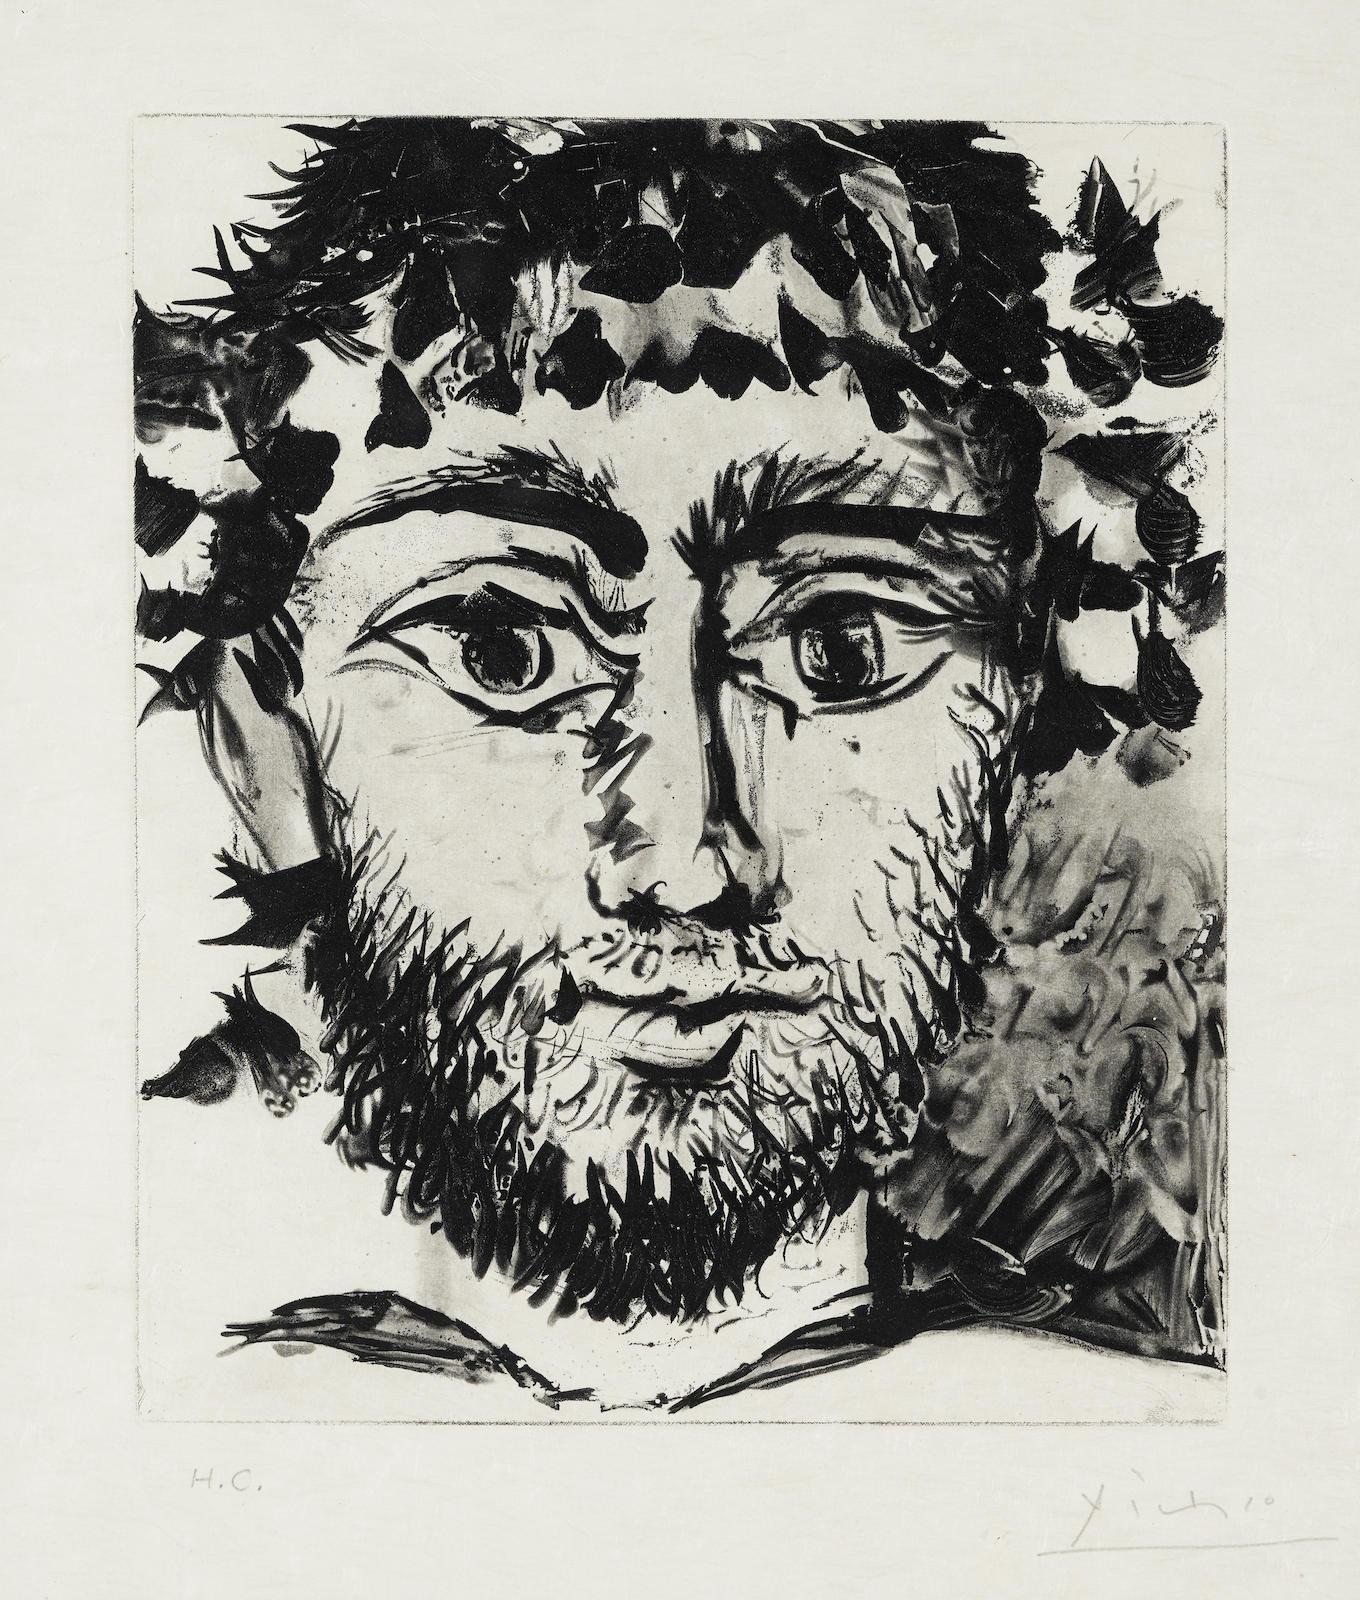 Pablo Picasso-After Pablo Picasso - Tete De Faune-1958